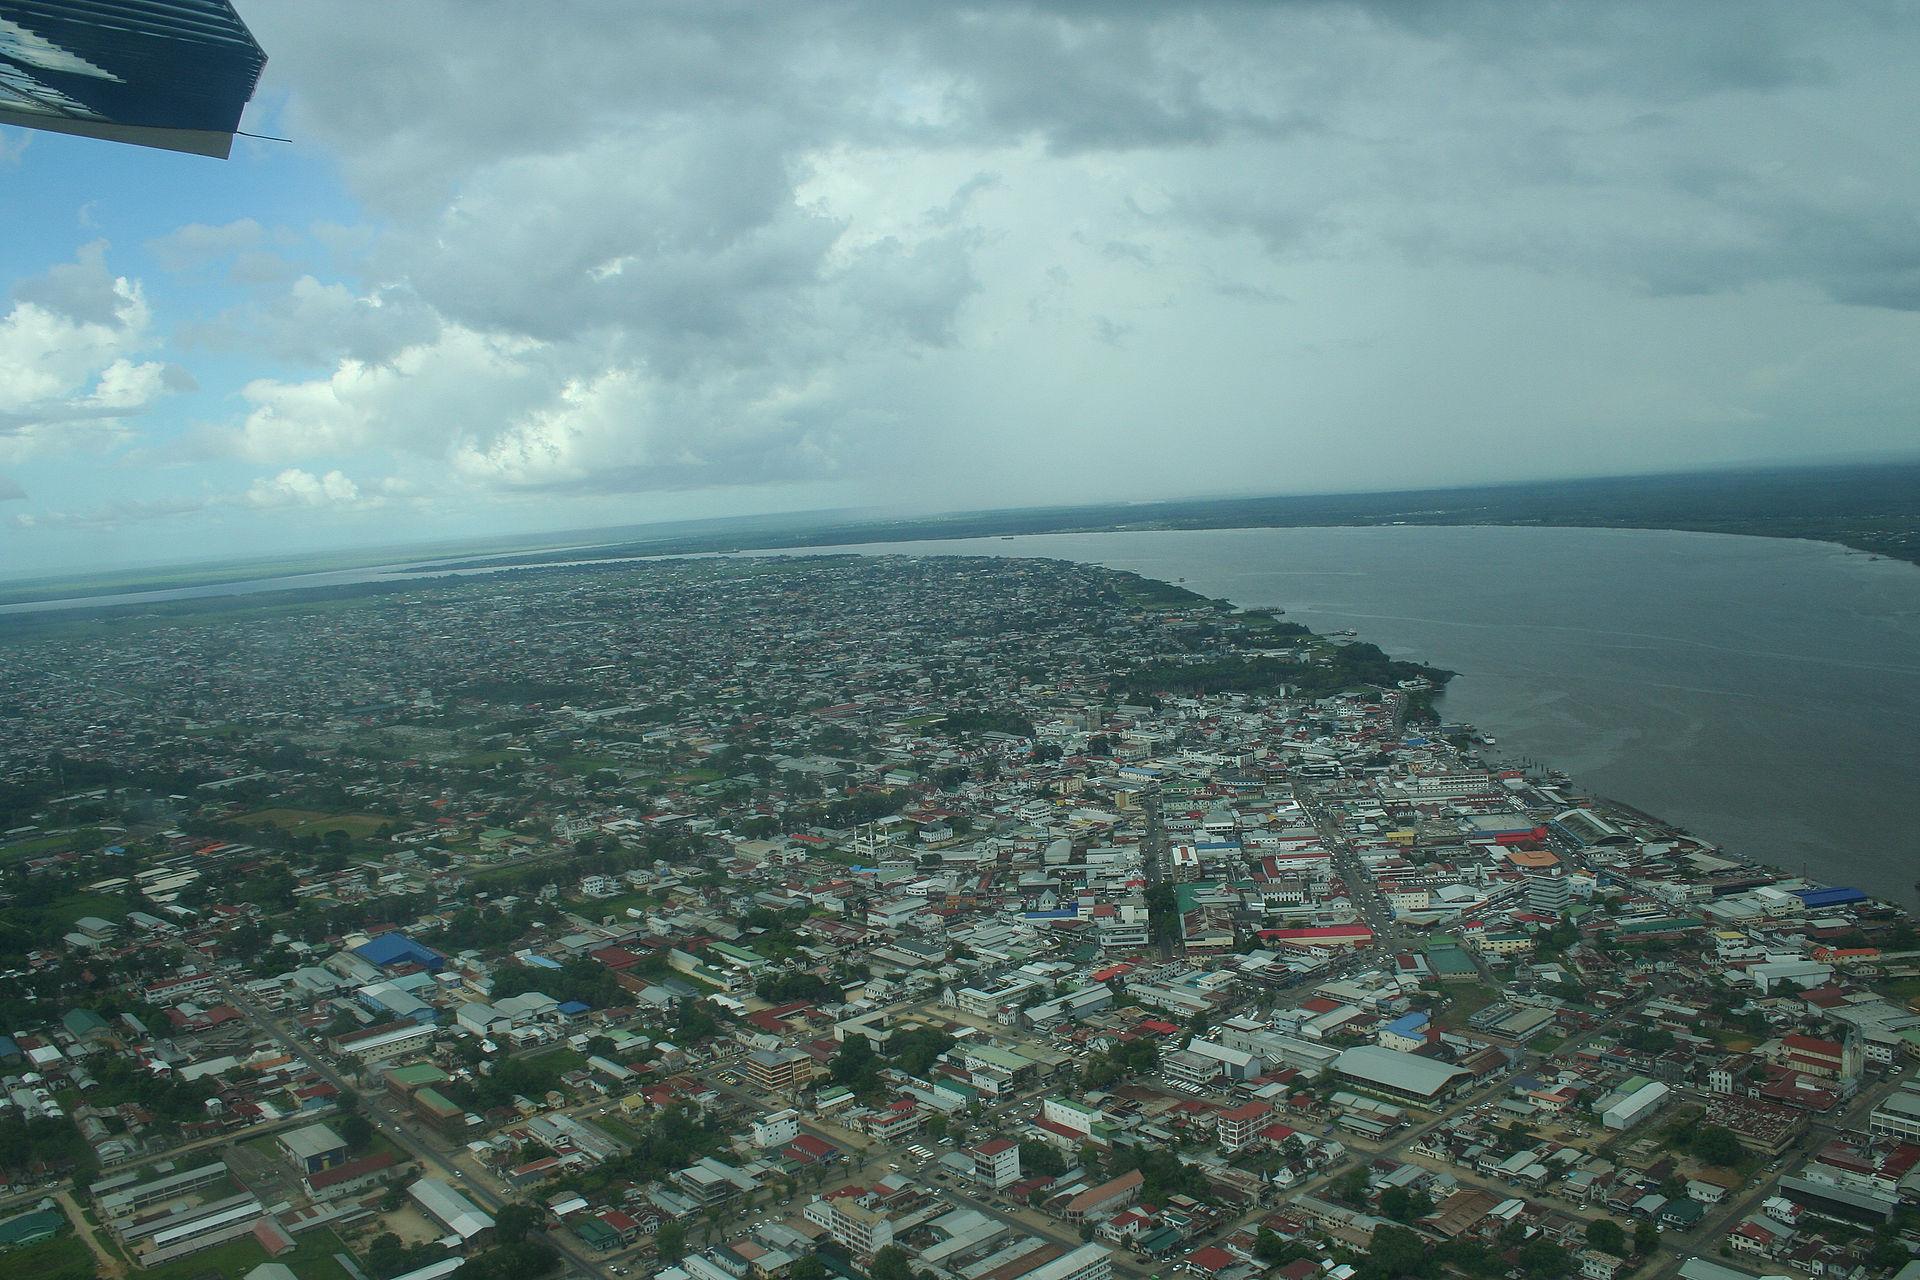 Paramaribo_from_the_air